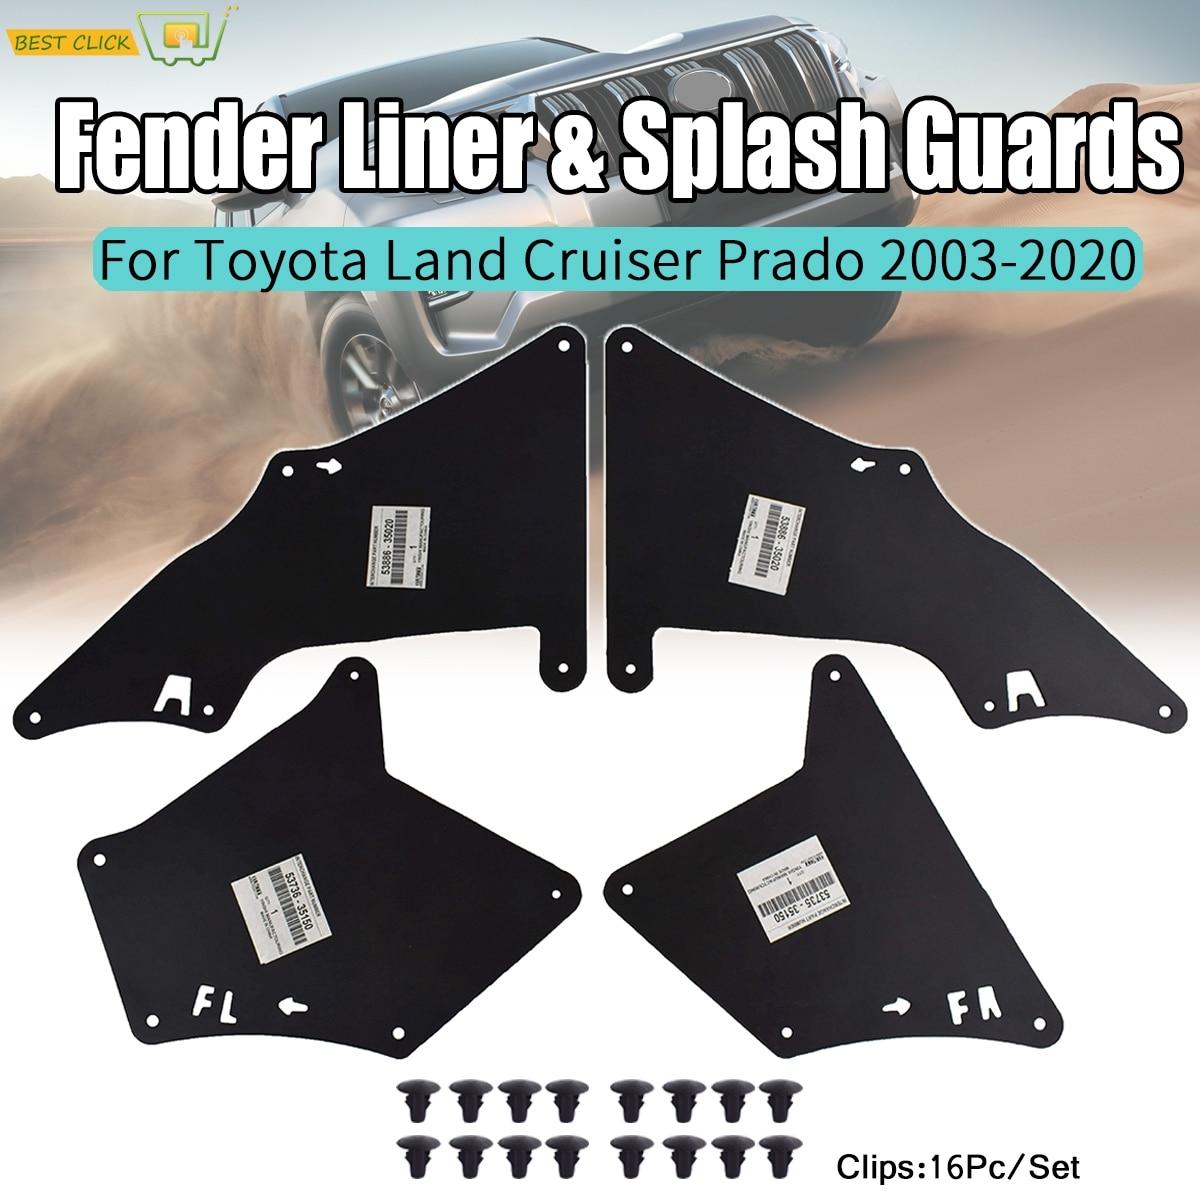 Защита от брызг щит для Toyota Land Cruiser Prado J120 J150 2003 - 2020 LC3 LC4 LC5 фартук уплотнение Брызговики W зажимы крыло вкладыши